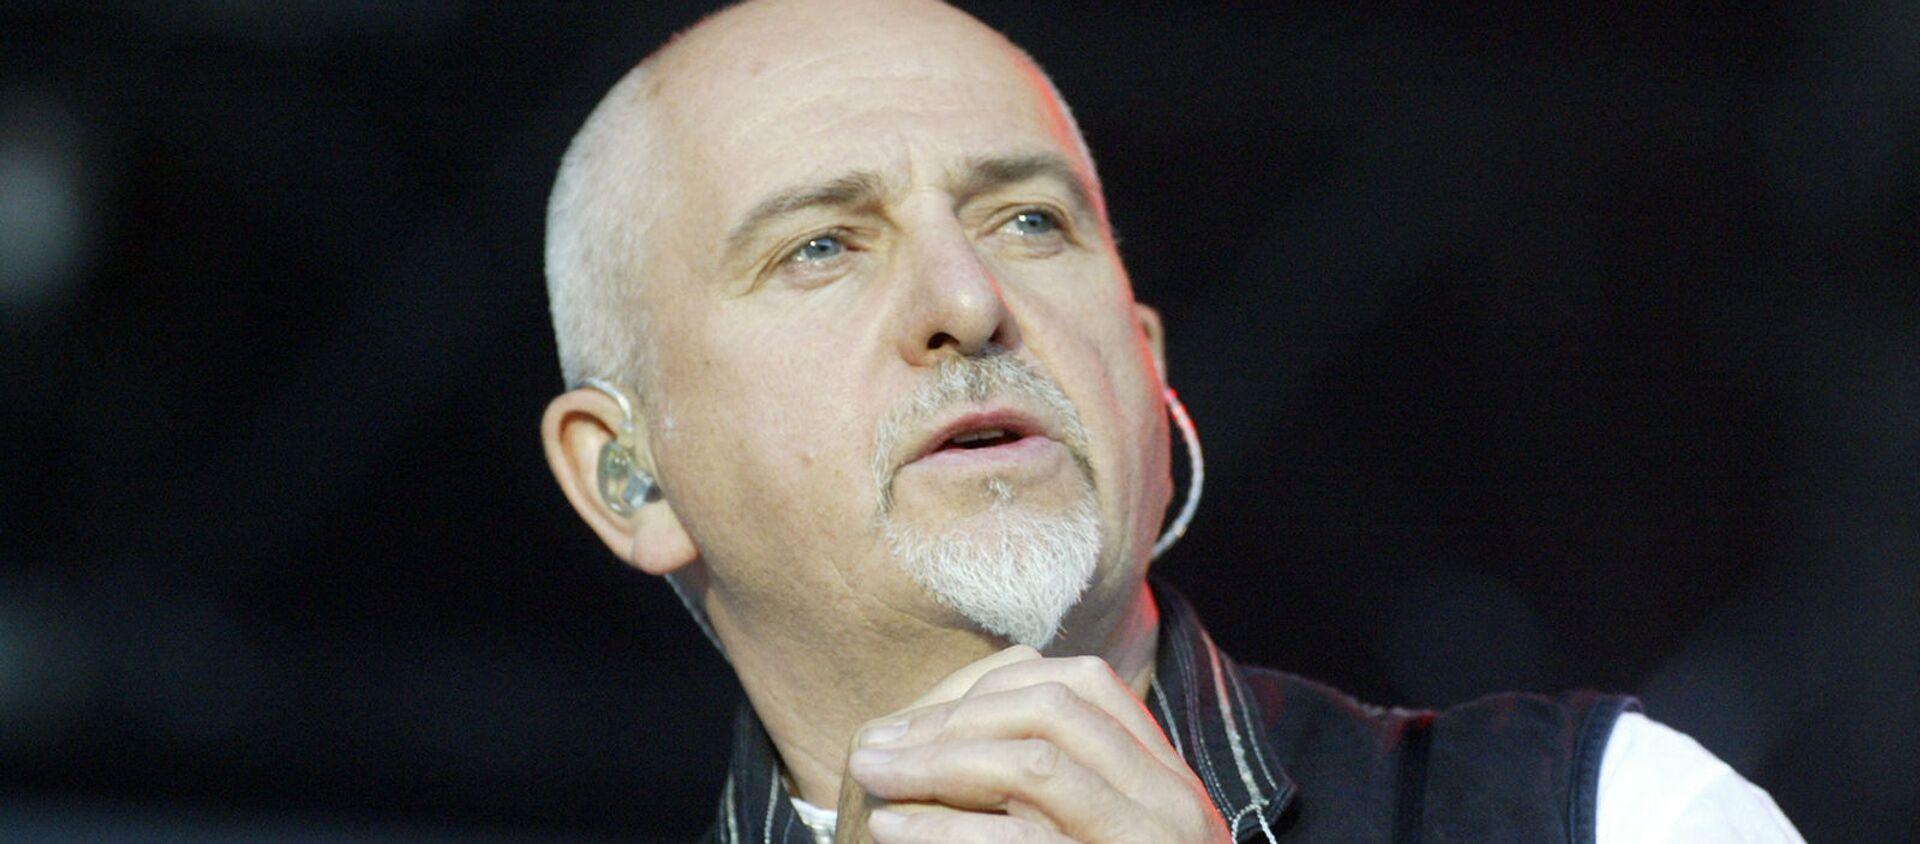 Британский певец Питер Гэбриэл на сцене  - Sputnik Армения, 1920, 07.07.2021